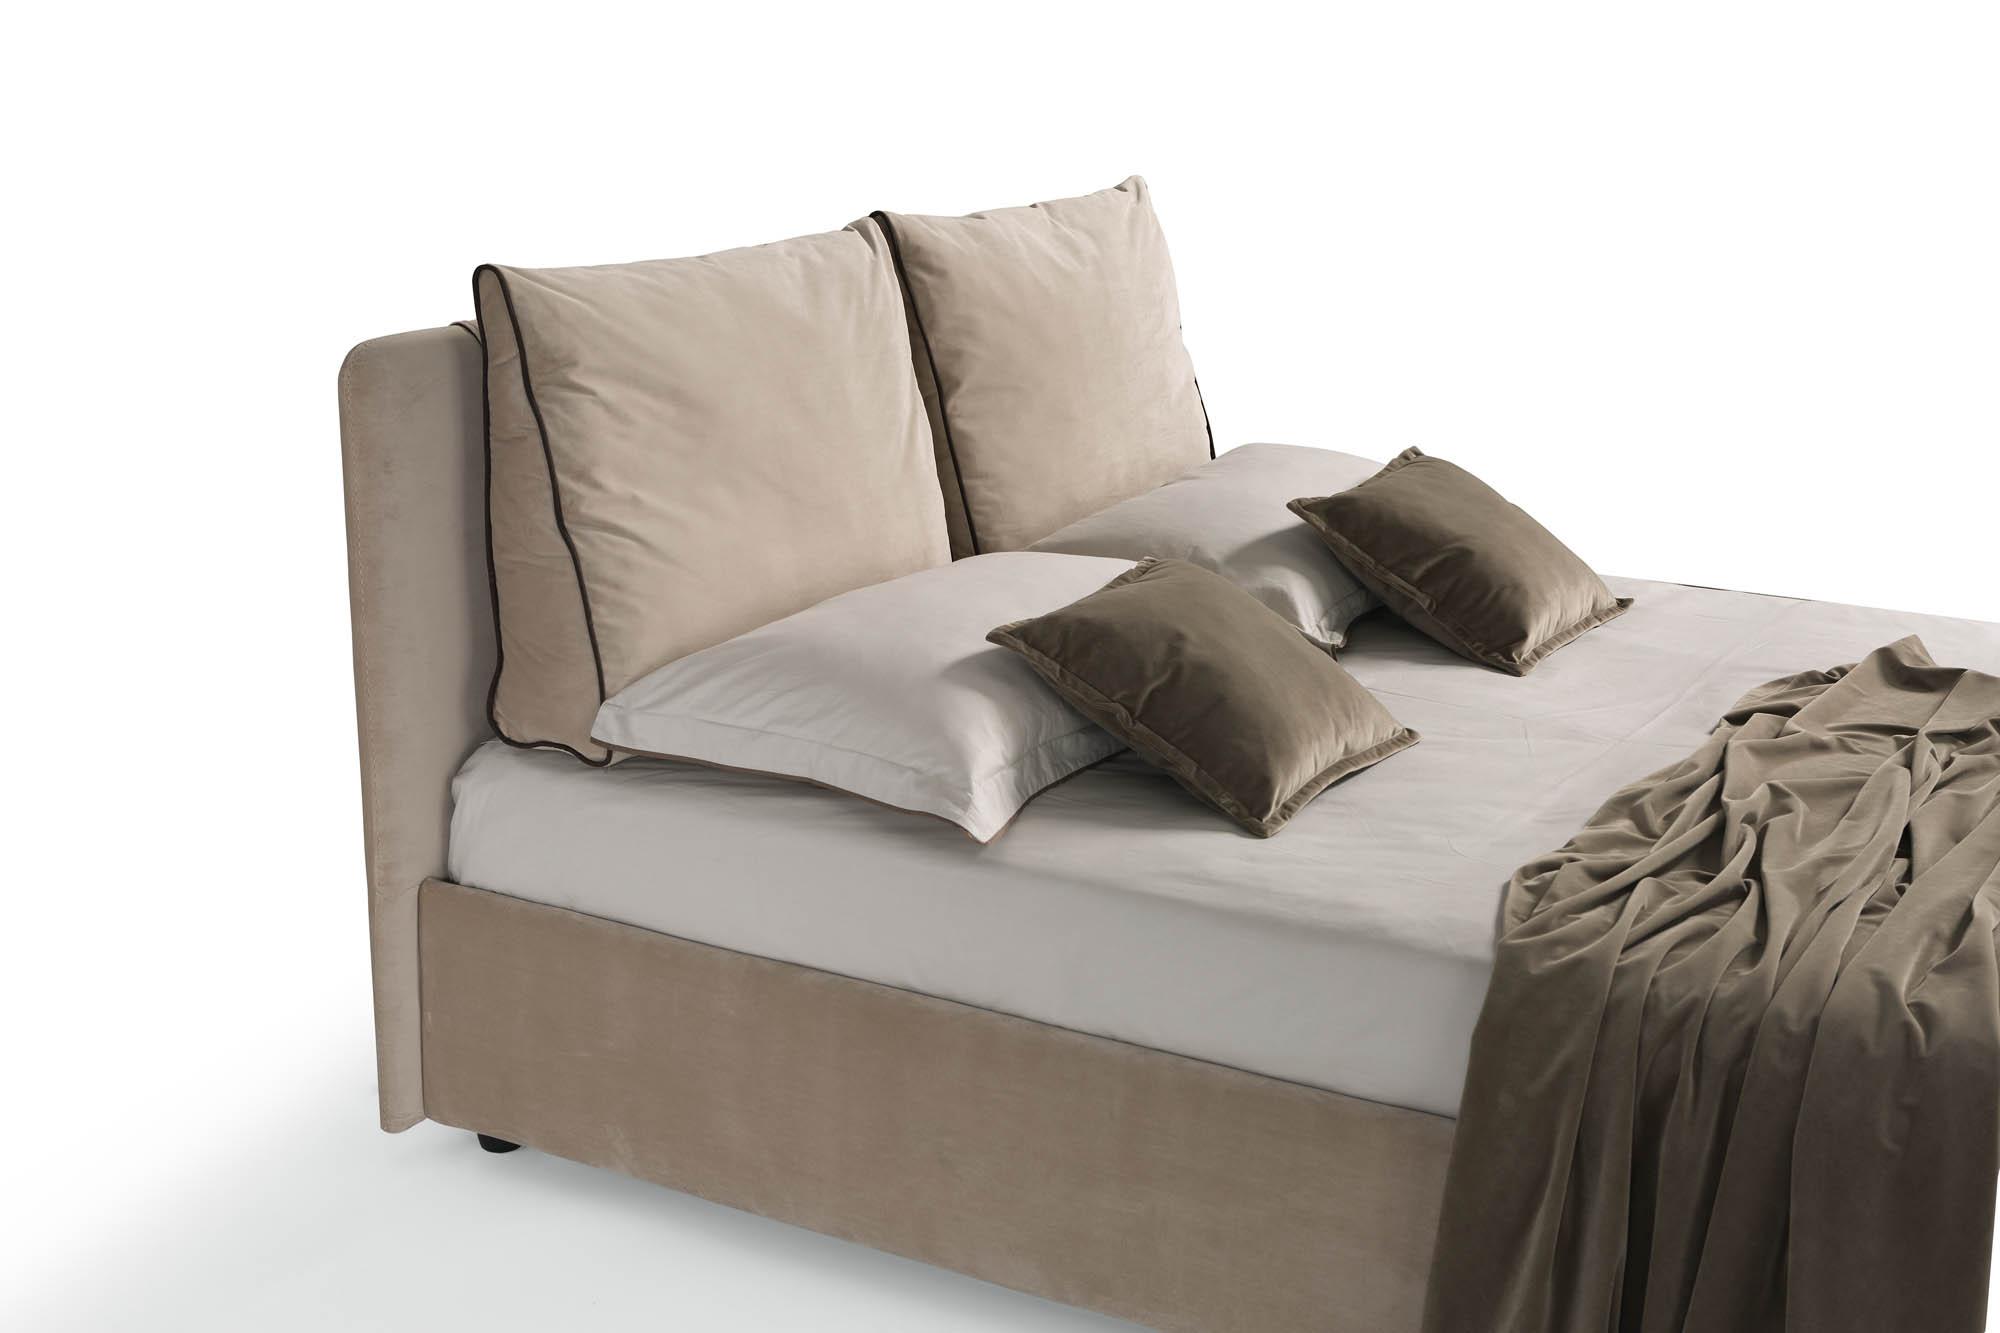 Cuscini Per Testiera Letto : Testata letto con cuscini best cuscini testata letto leroy merlin